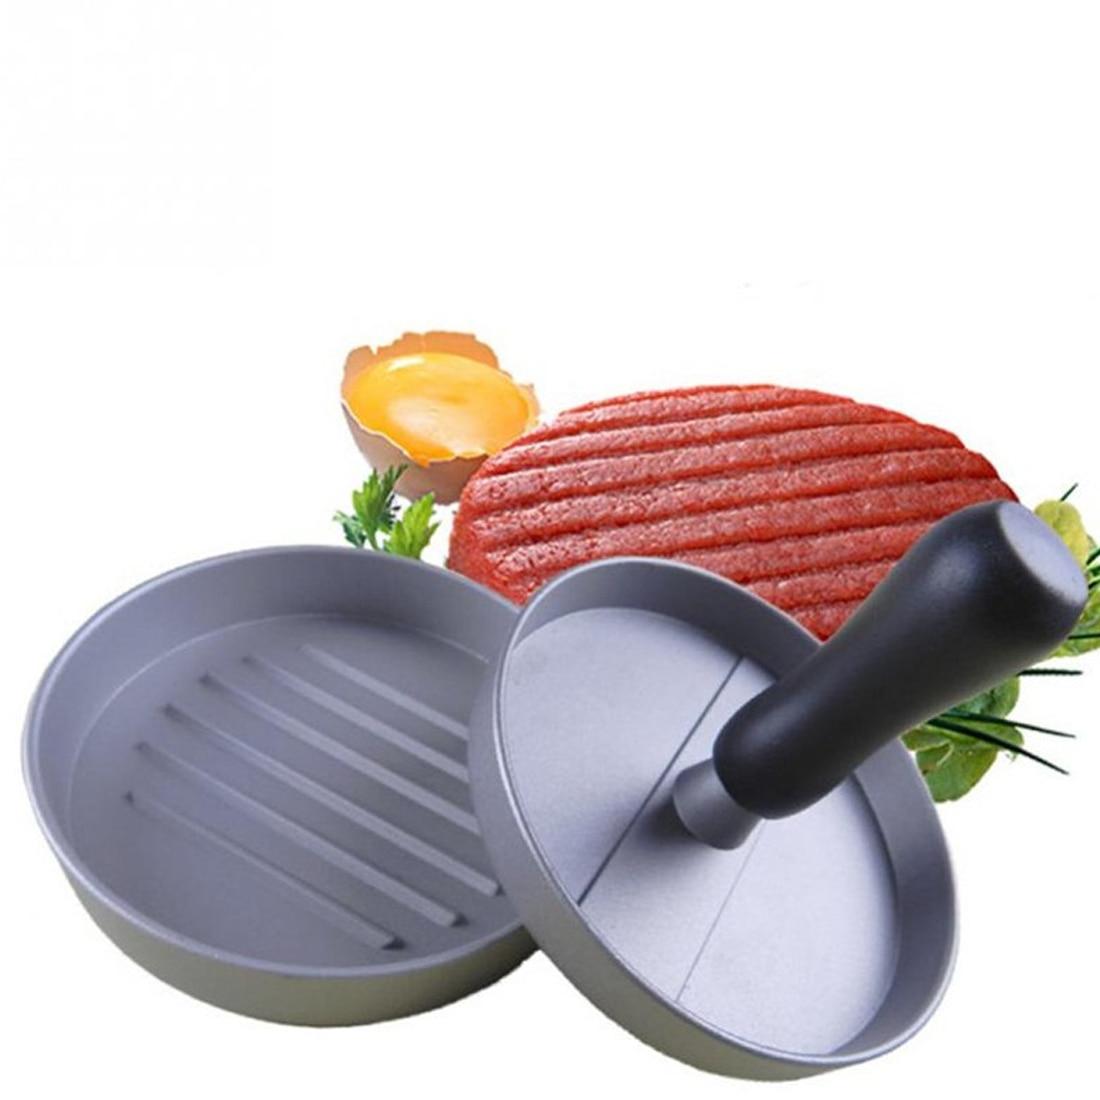 Формы для изготовления котлет в домашних условиях Котлеты с сыром - простое домашнее блюдо